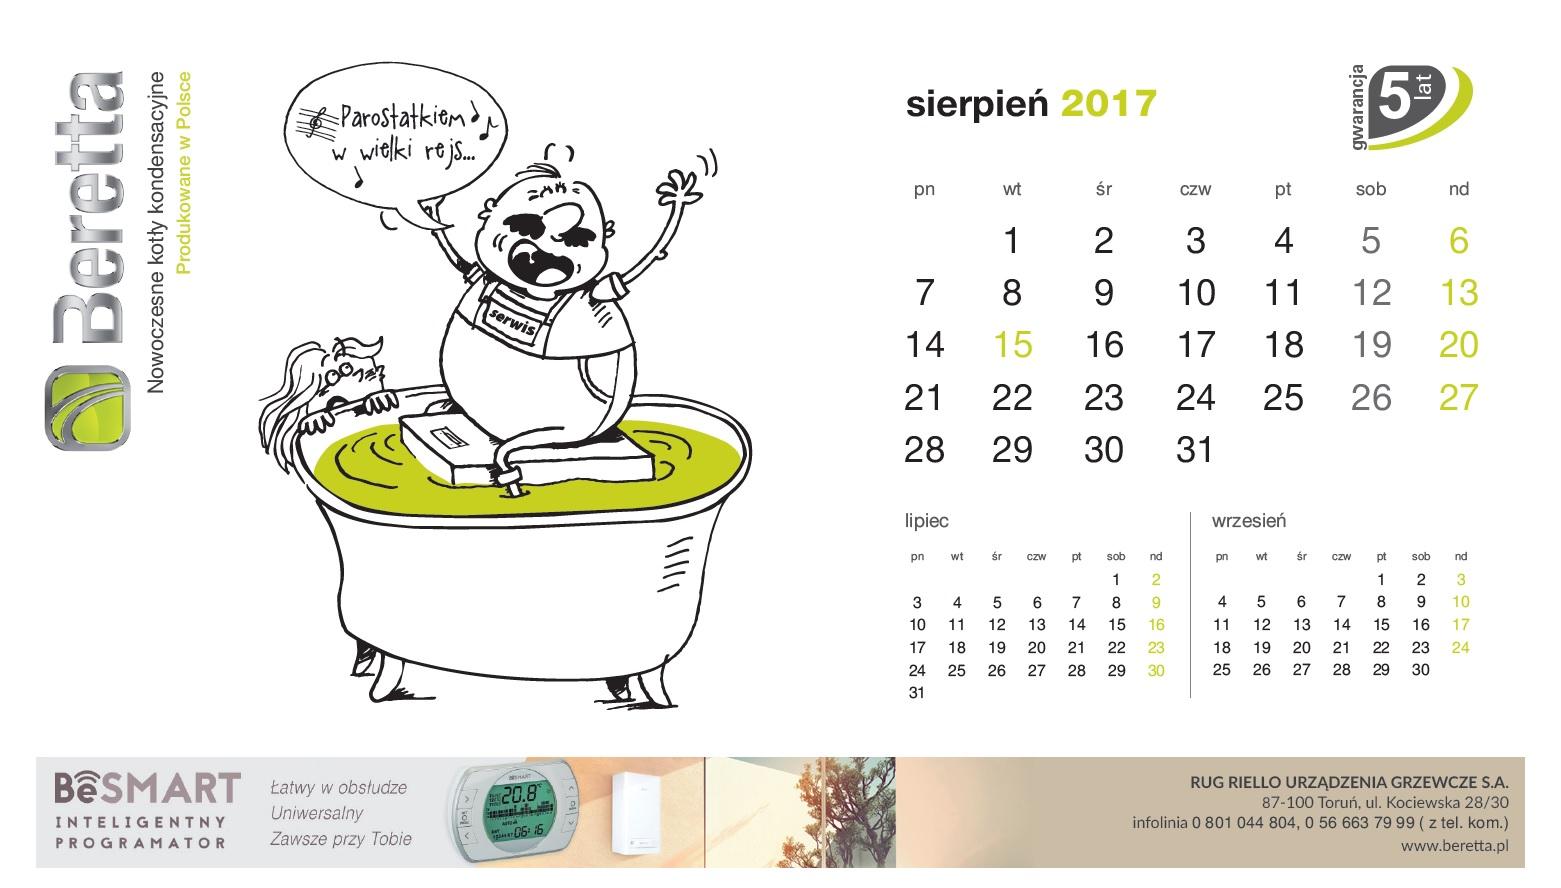 Kartka z kalendarza Beretta. Sierpień